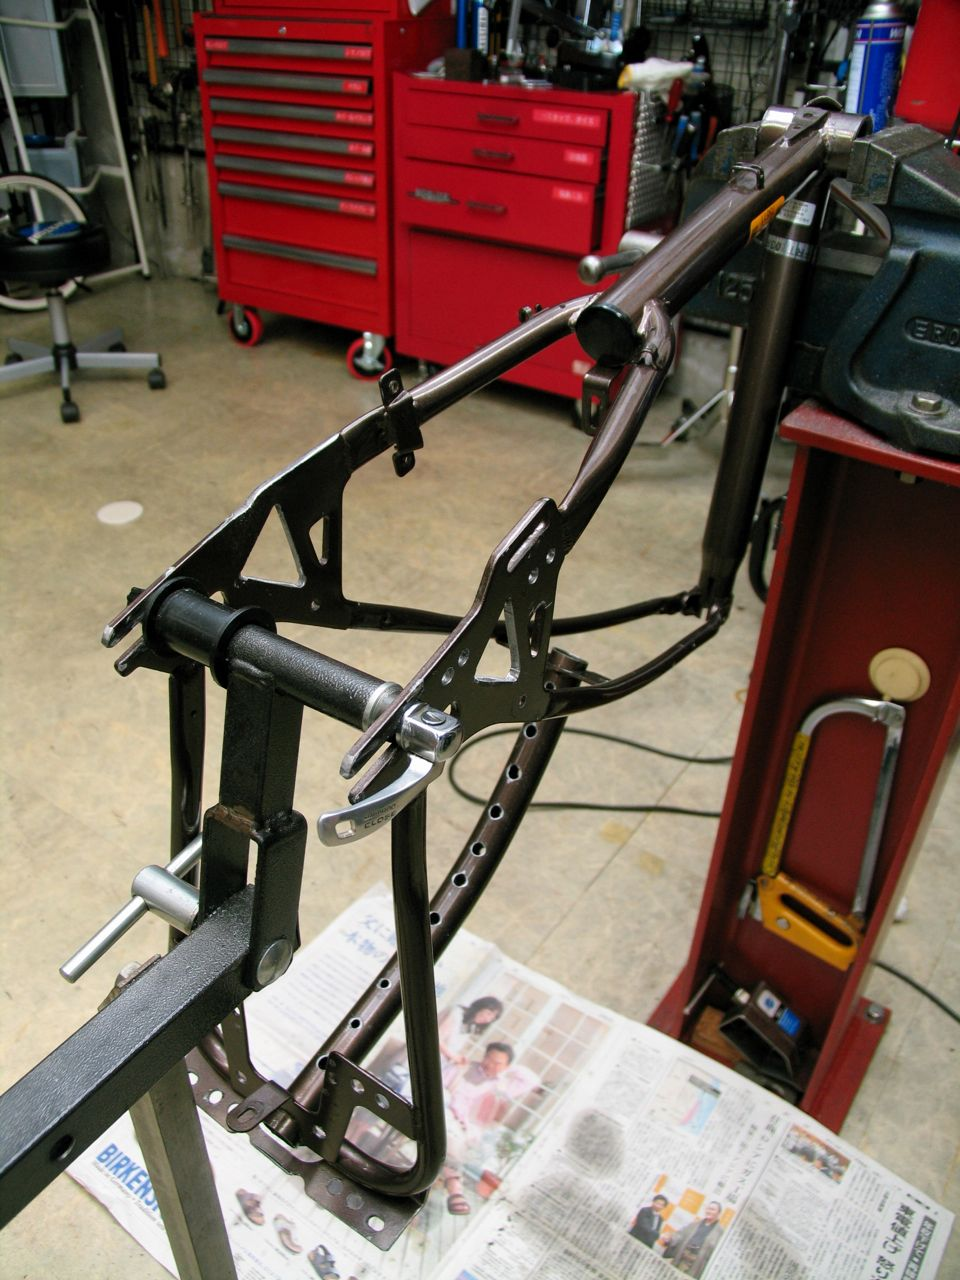 自転車の 自転車 内装8段化 : ... 自転車のメカニックスクール